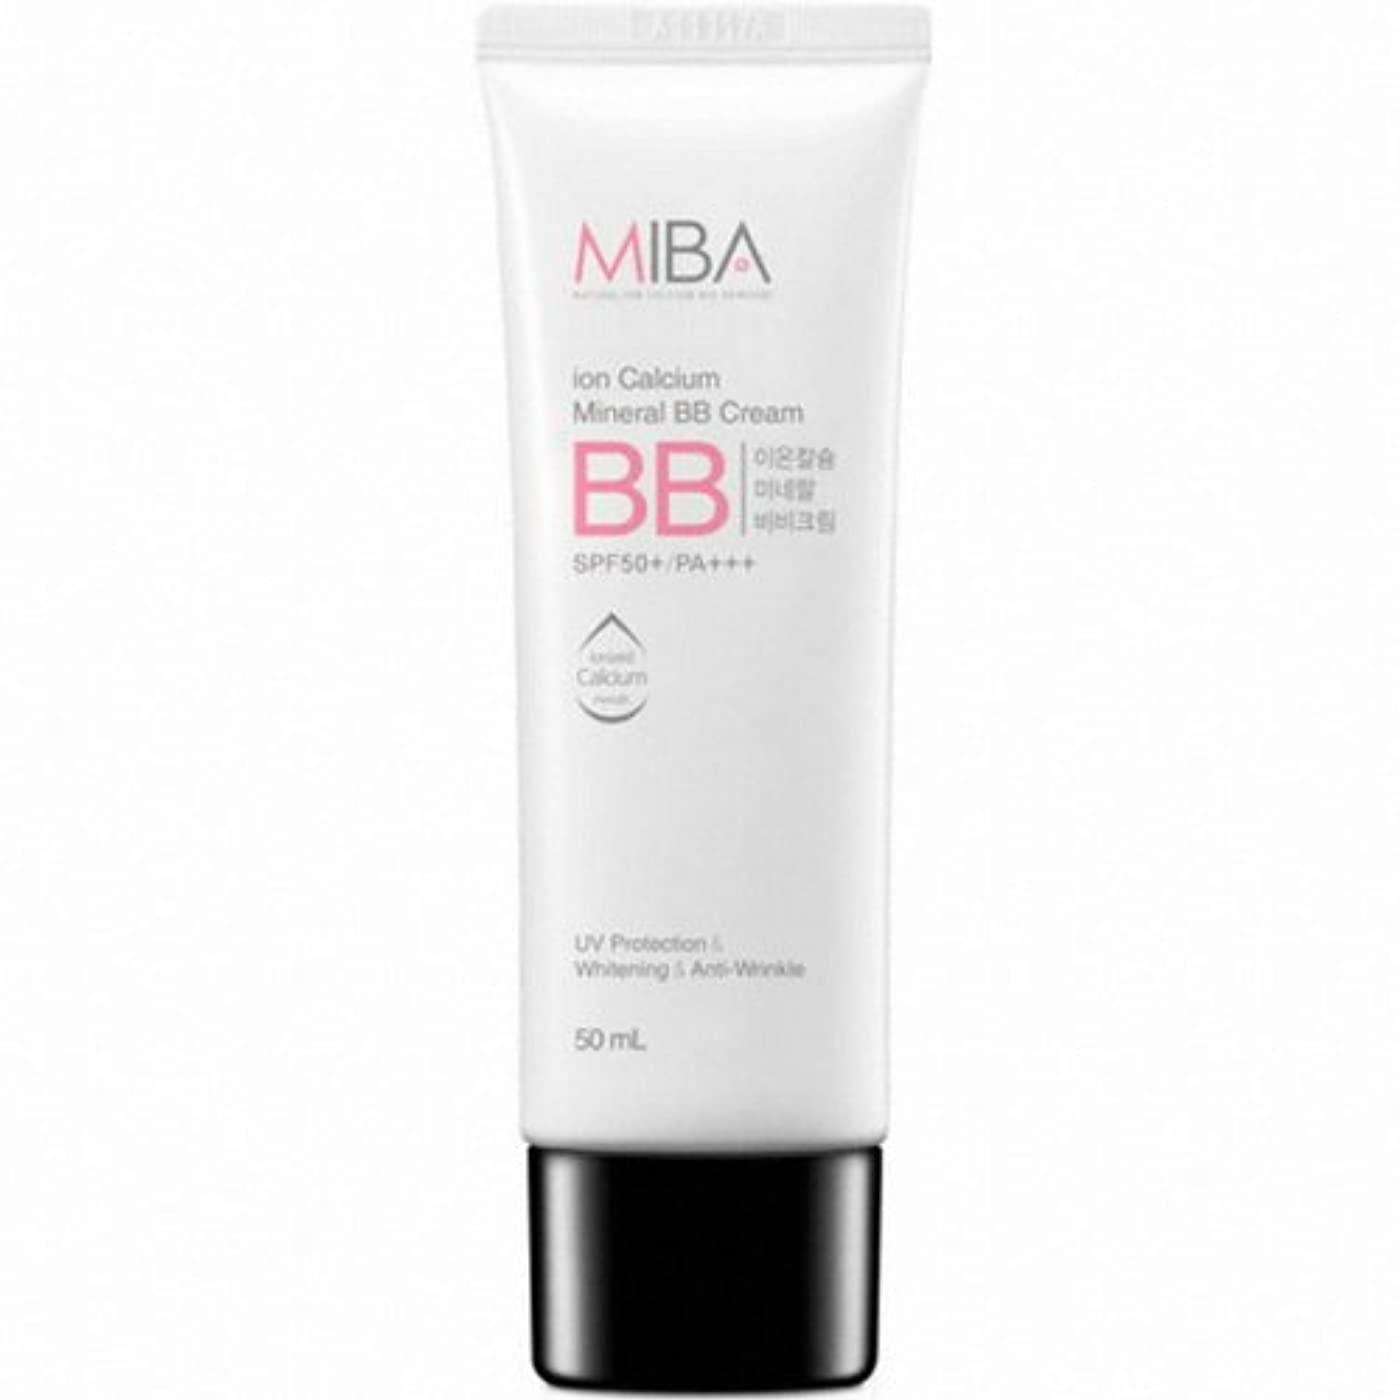 海里上院珍しいMINERALBIO (ミネラルバイオ) ミバ イオン カルシウム ミネラル ビビクリーム / MIBA Ion Calcium Mineral BB Cream (50ml) [並行輸入品]